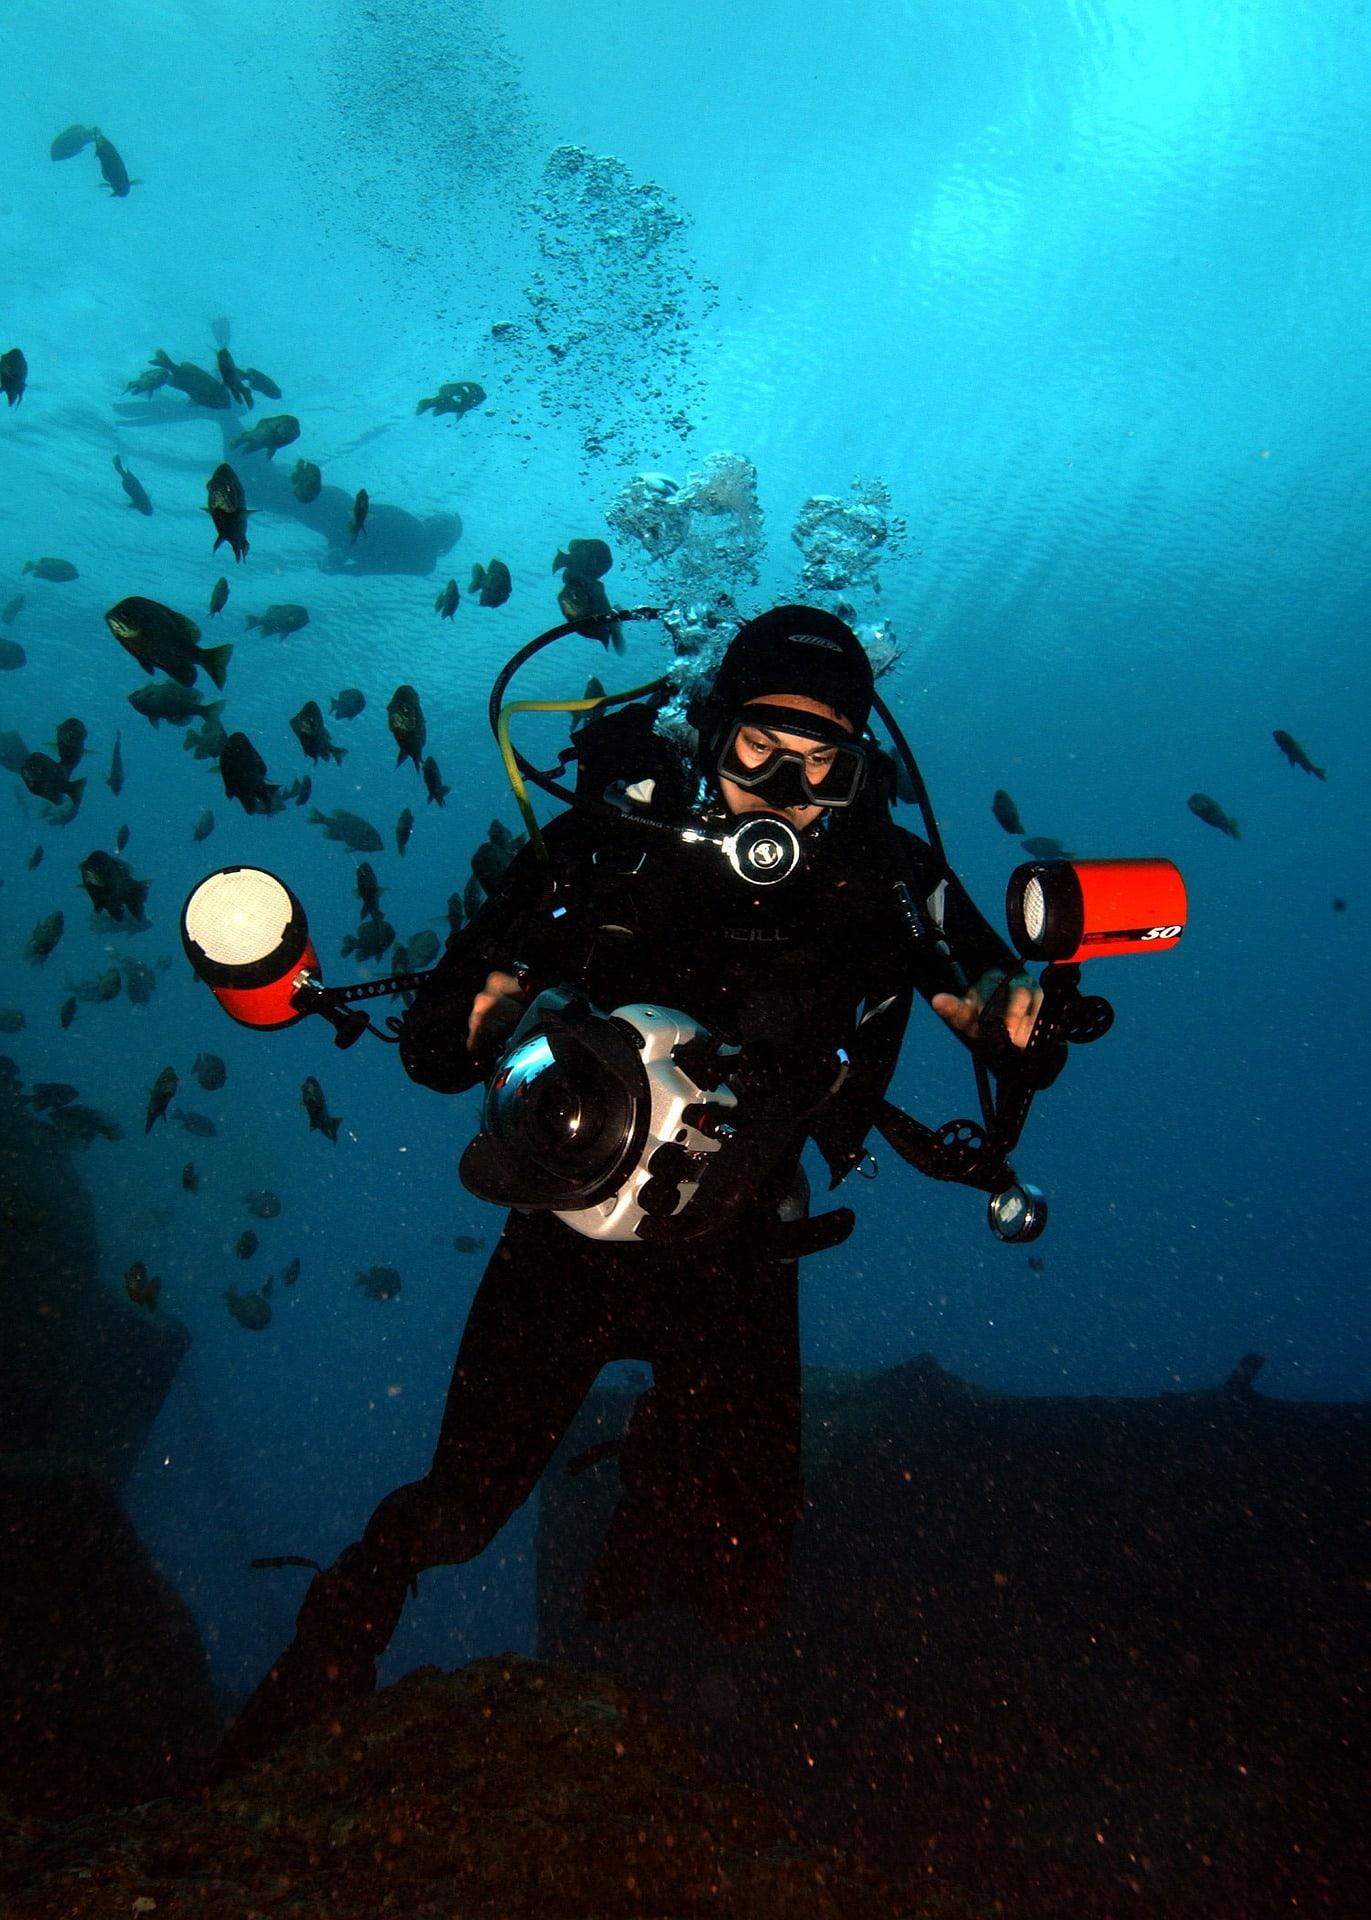 Fotografía de una mujer submarinista